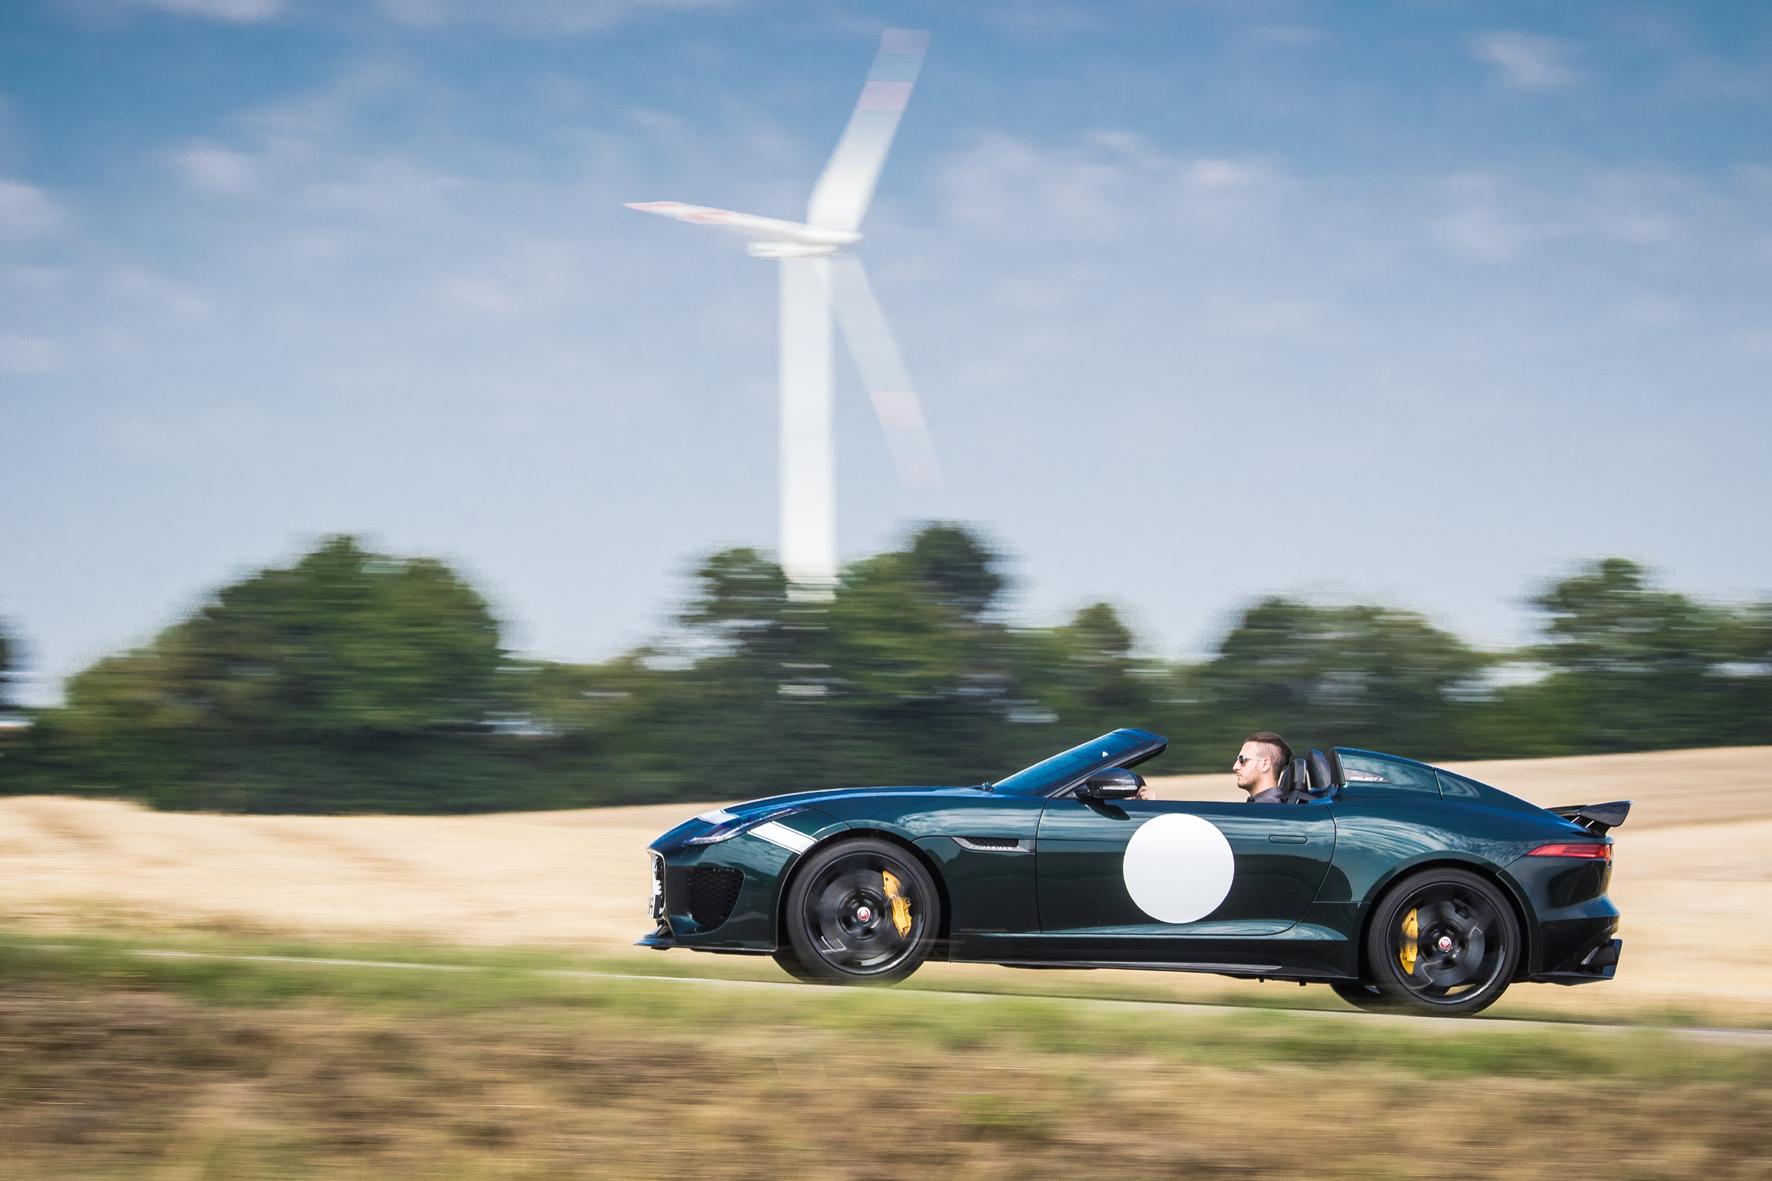 mid Nürburgring - Mit dem Project 7 schickt Jaguar nun sein schnellstes Serienmodell in streng limitierter Auflage auf die Straße.